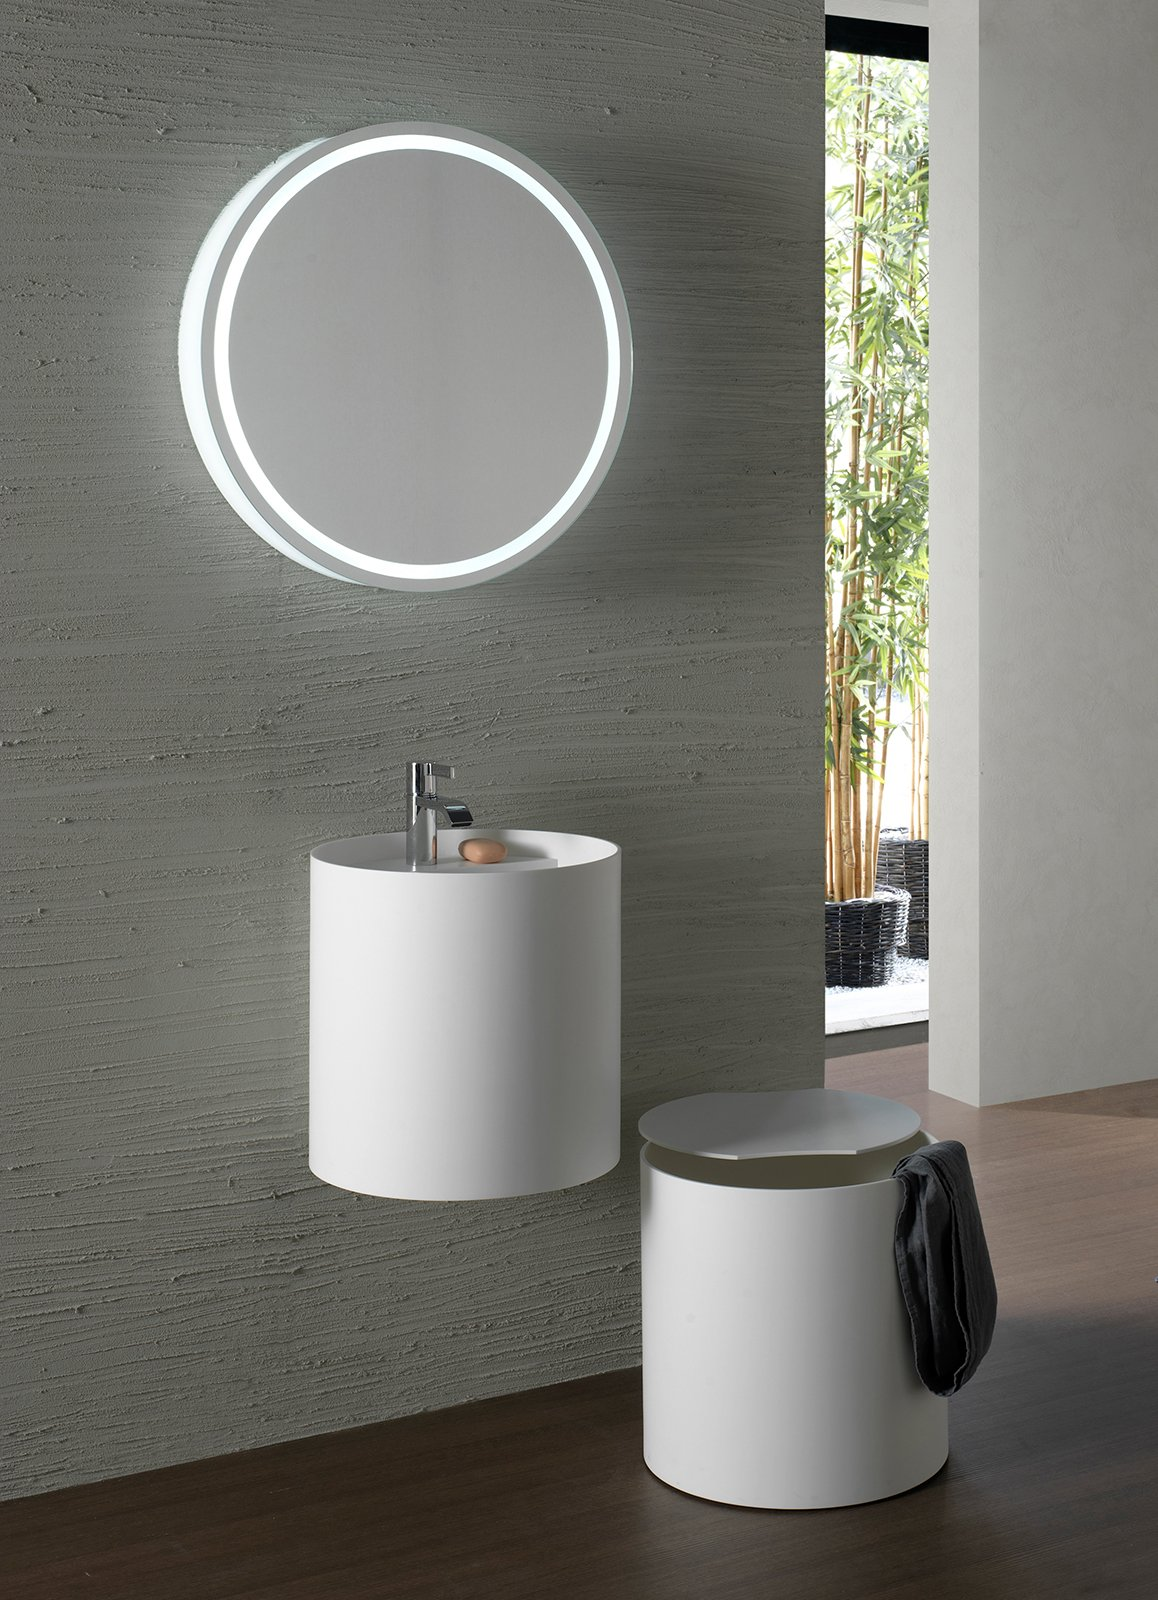 Specchi per il bagno cose di casa - Specchi da terra leroy merlin ...